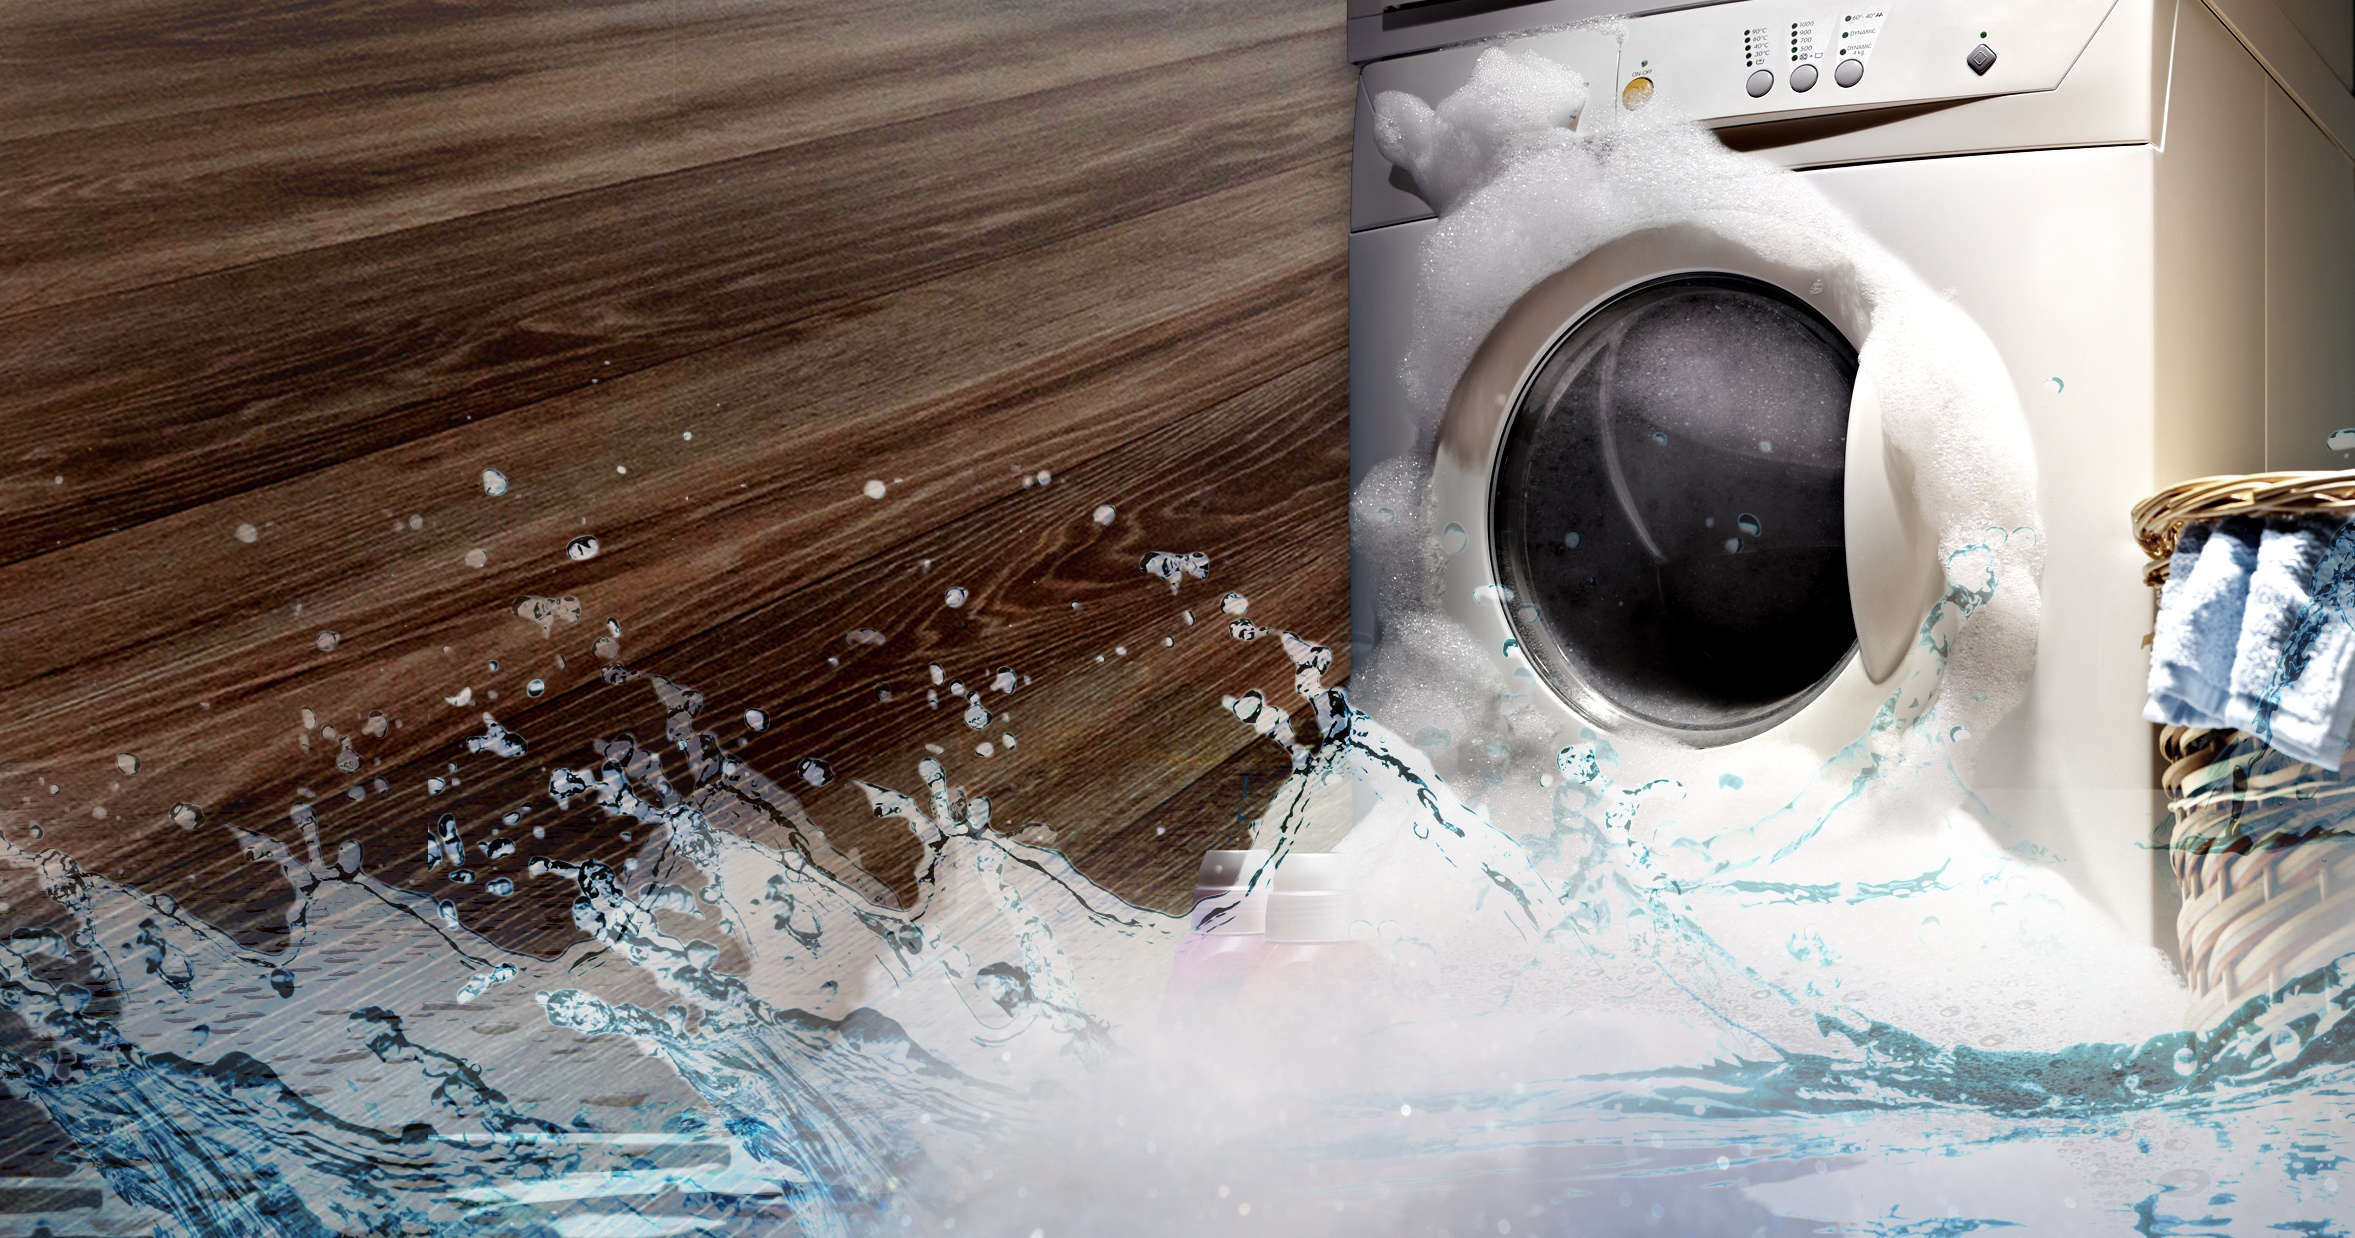 washing machine explosian.jpg